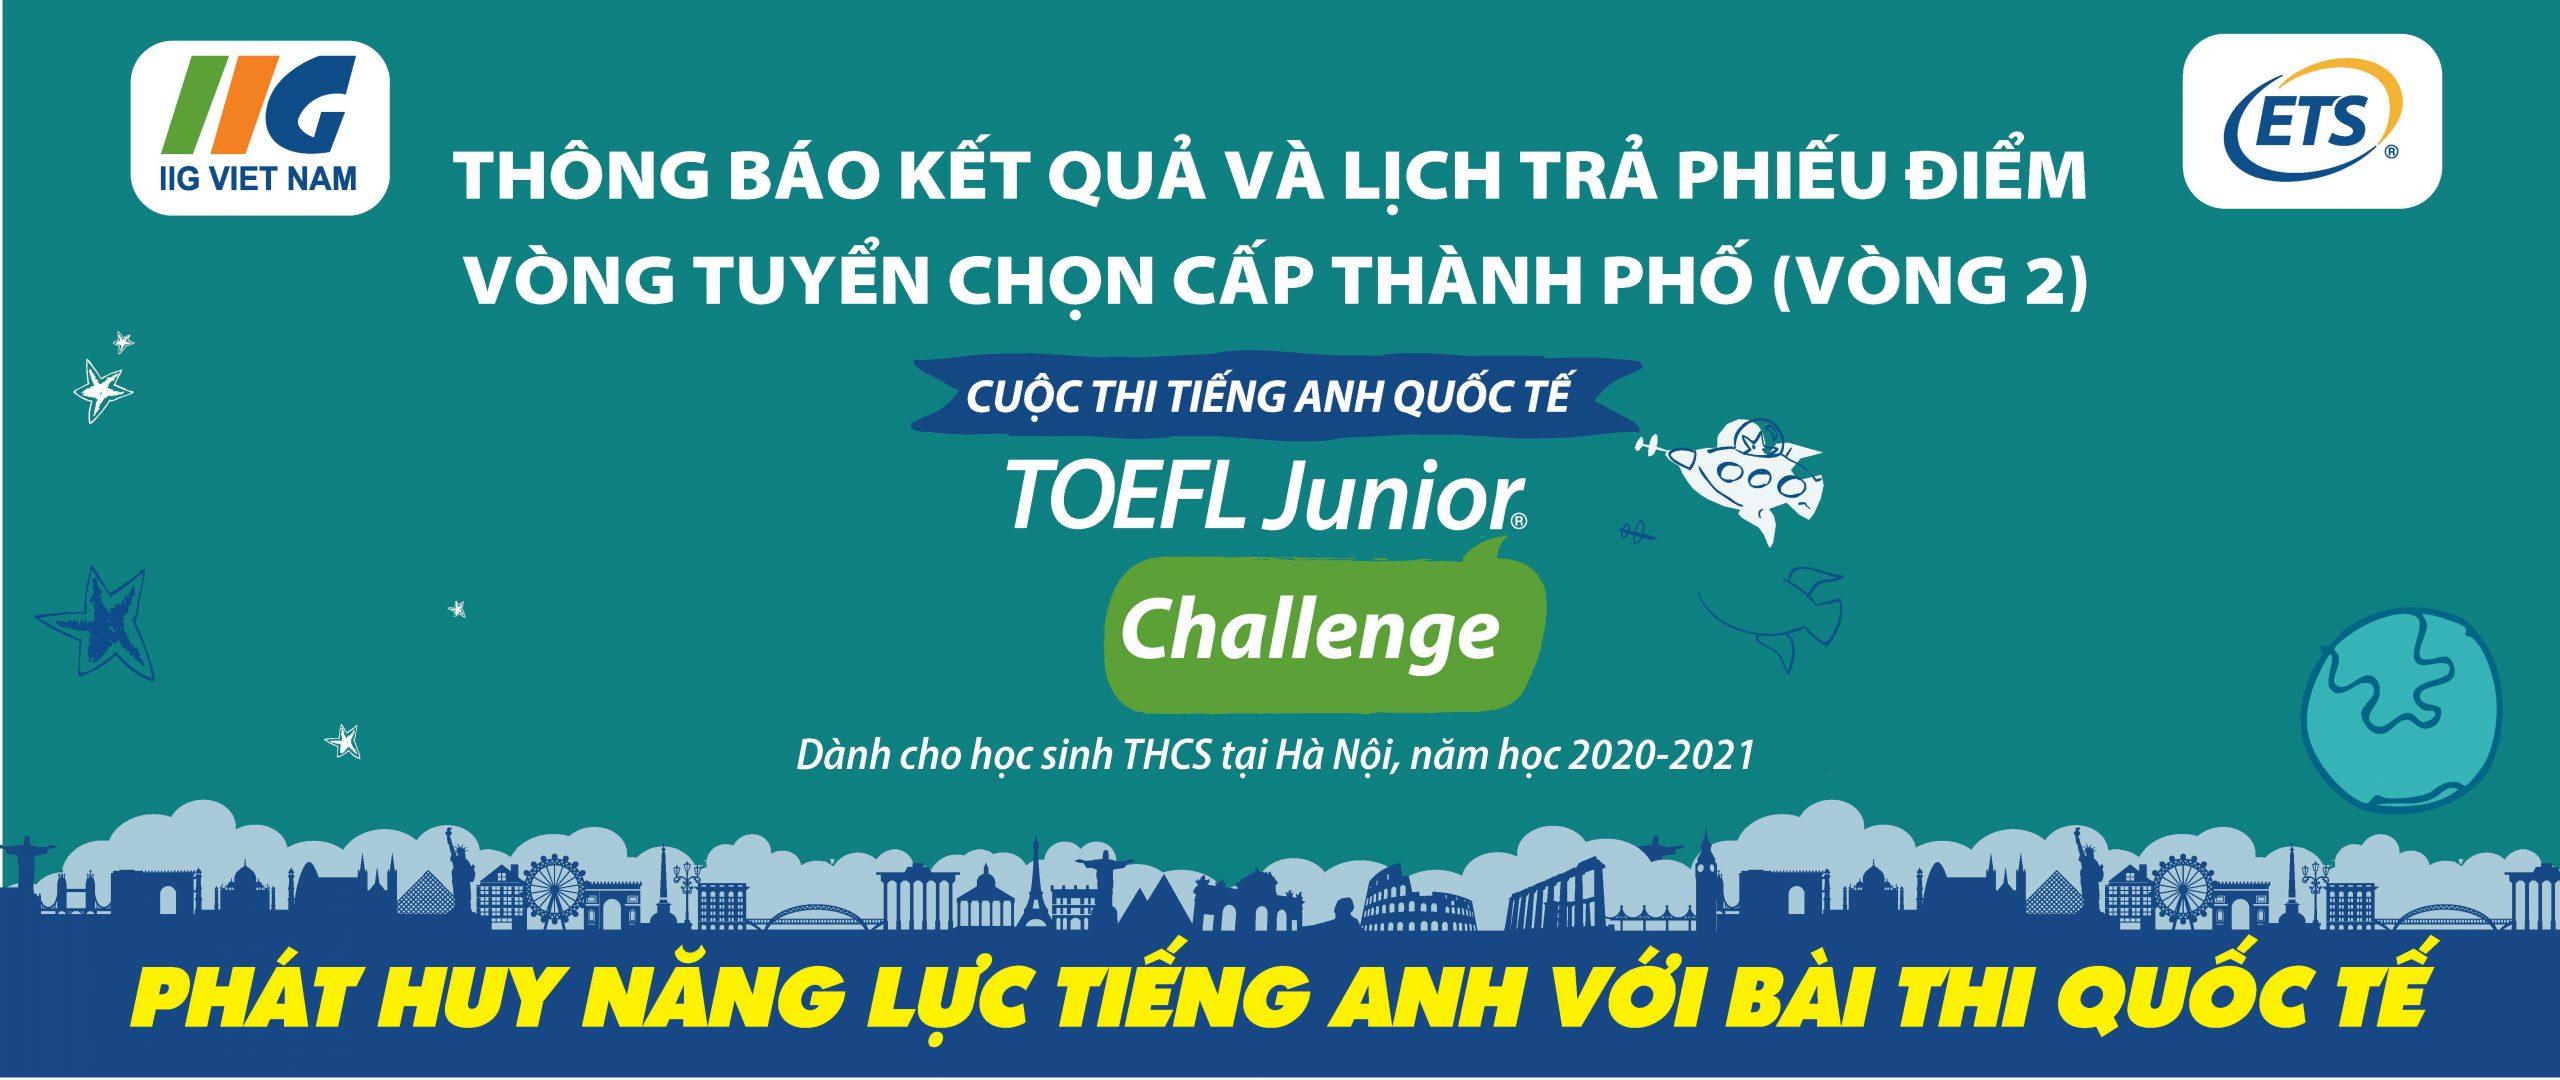 Hà Nội: Thông báo kết quả và lịch trả phiếu điểm vòng 2 cuộc thi TOEFL Junior Challenge năm học 2020-2021